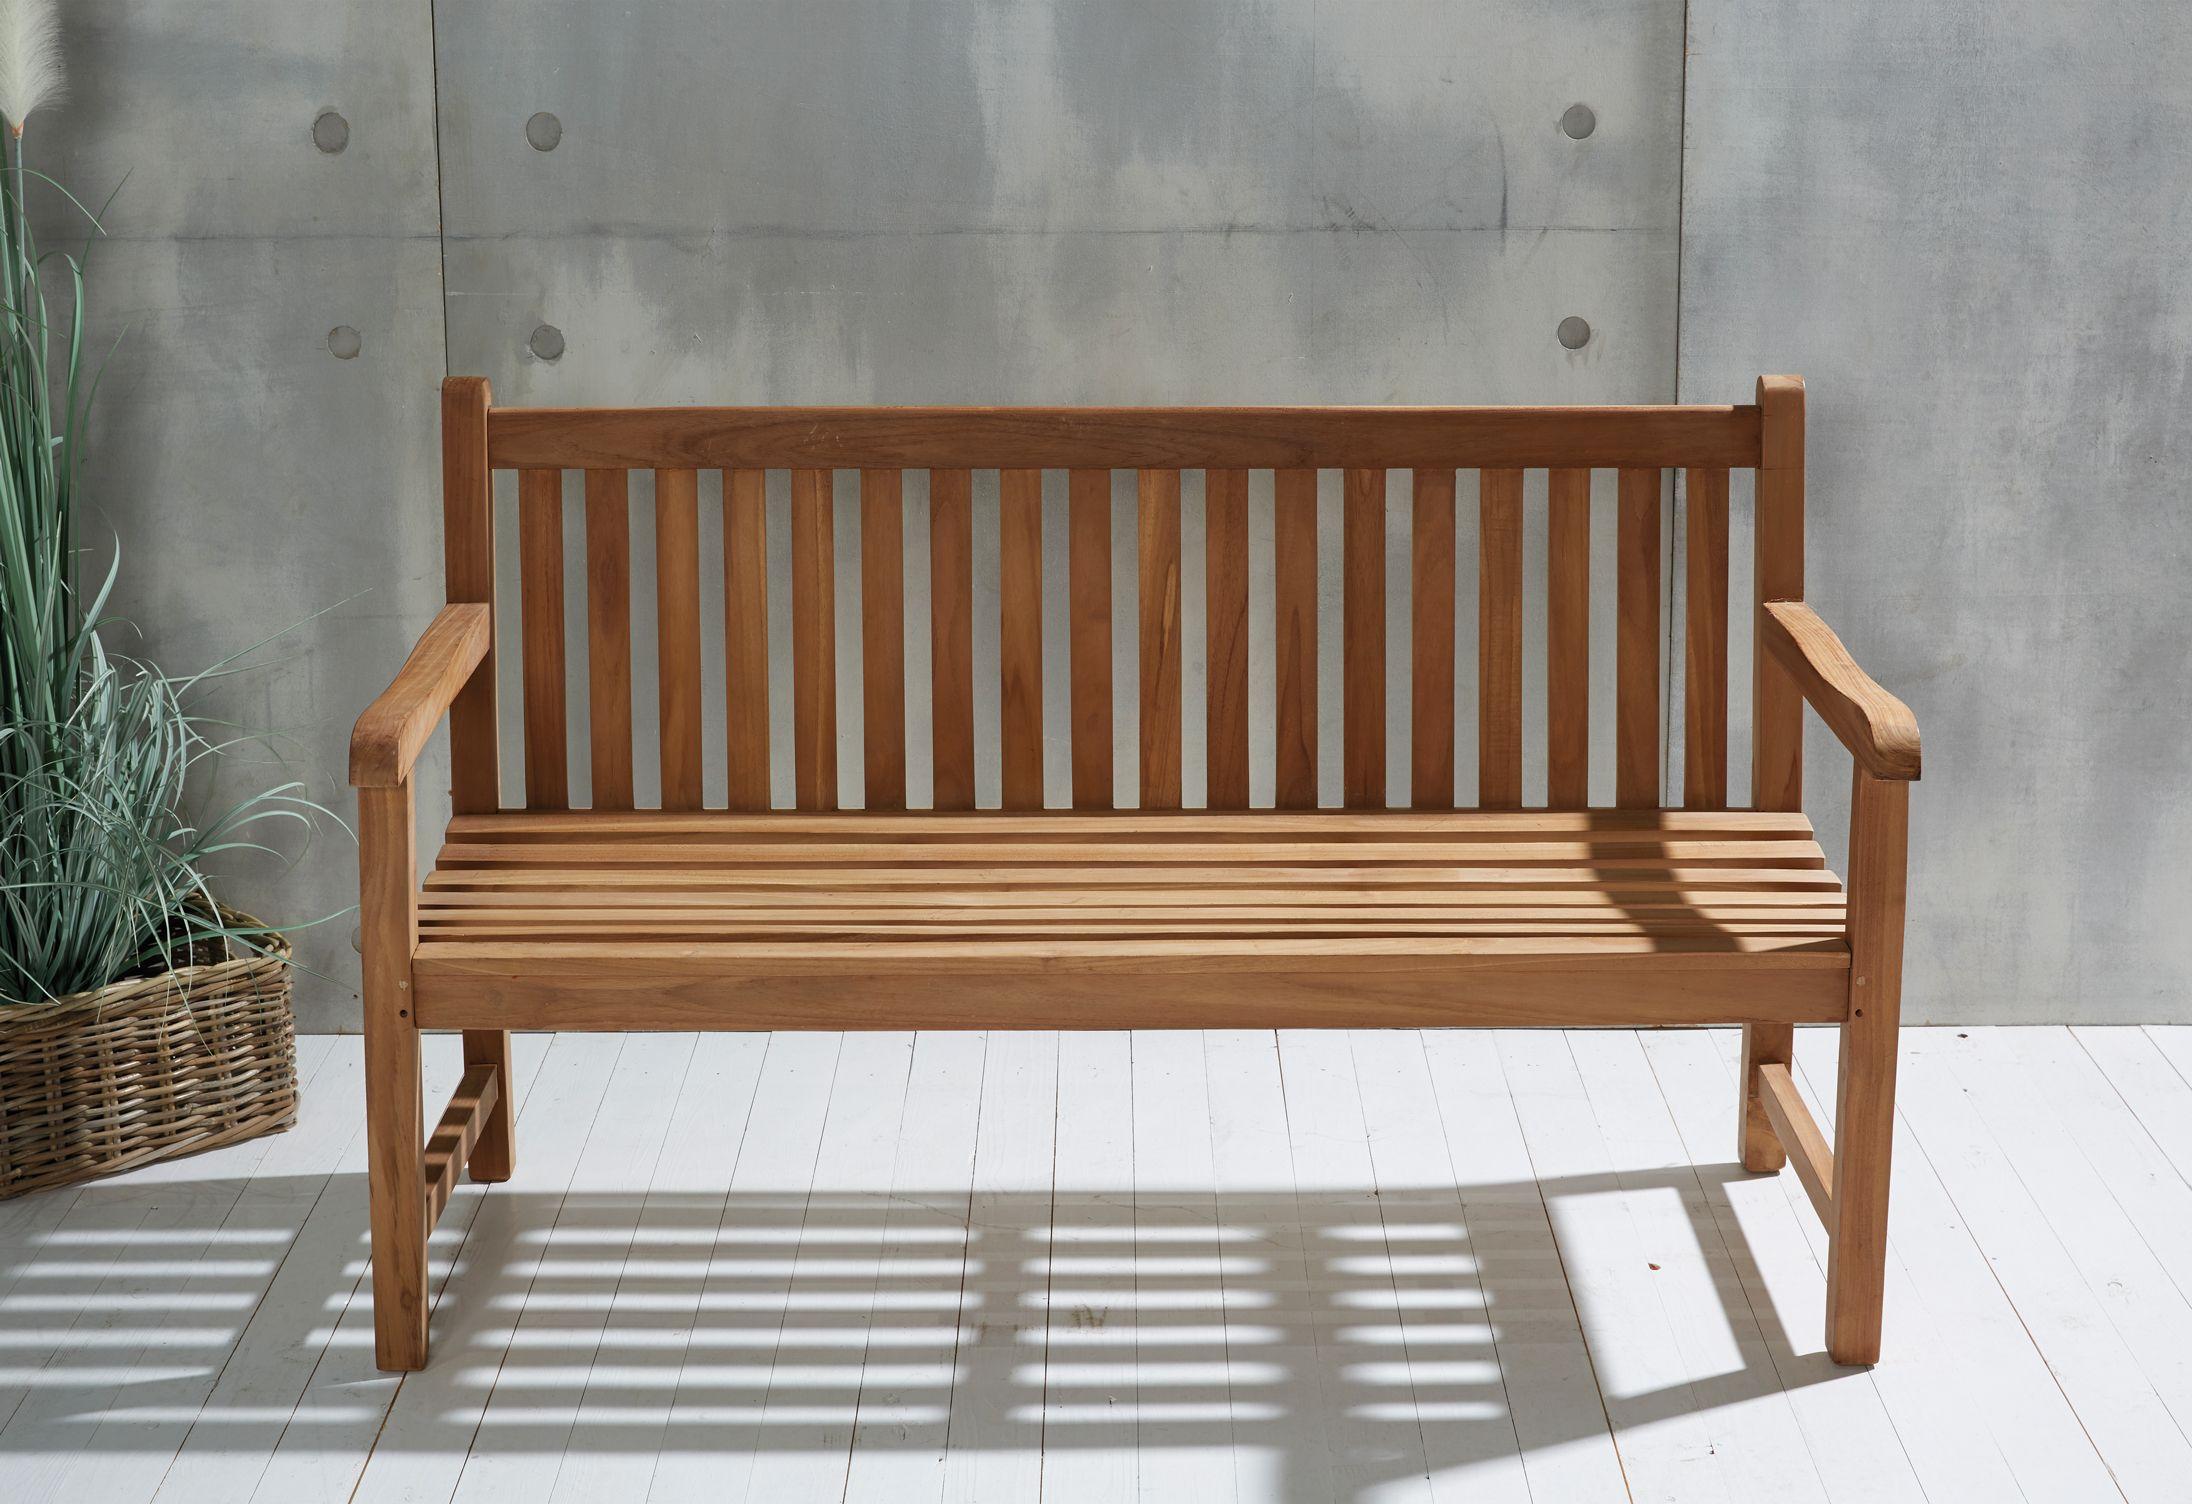 Malerisch Bank Möbel Referenz Von 150 Cm Teak Möbel Komplett Montiert Holzbank